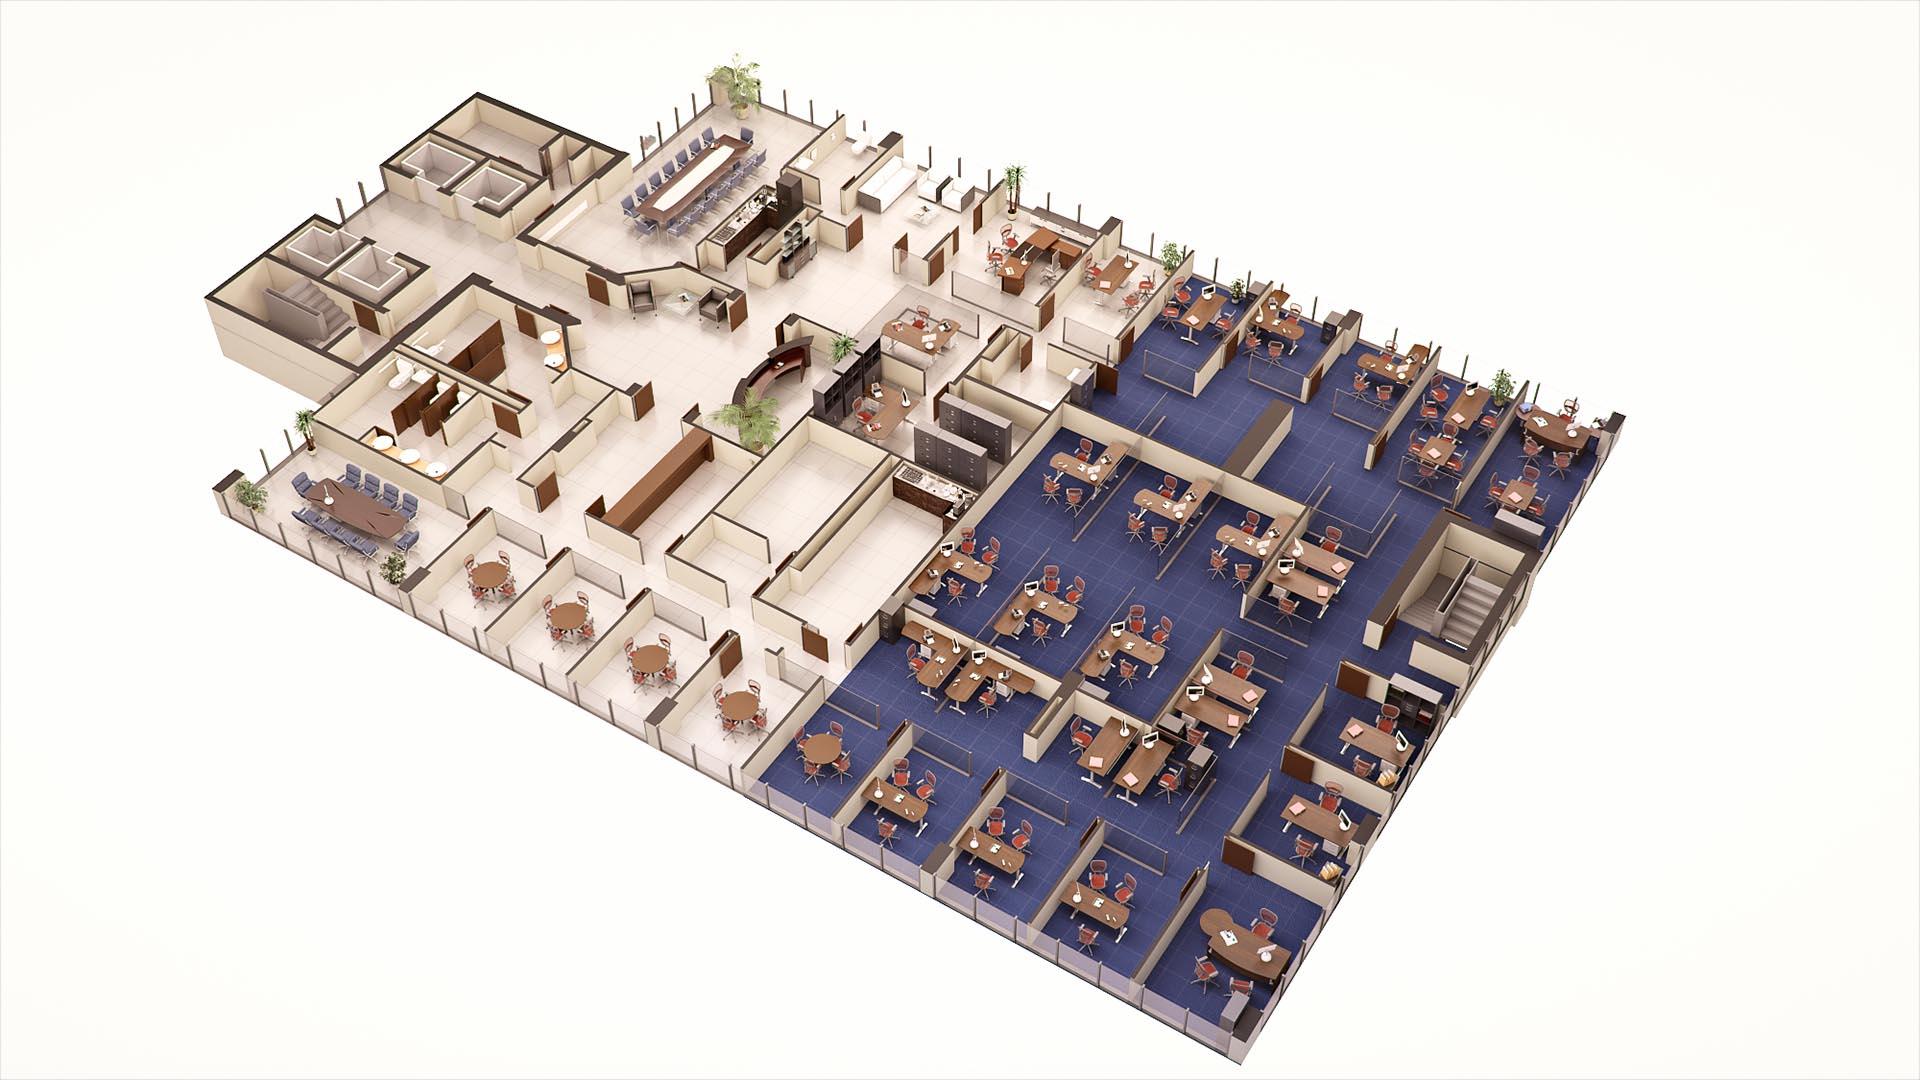 3D Render Floor Plan 7th floor